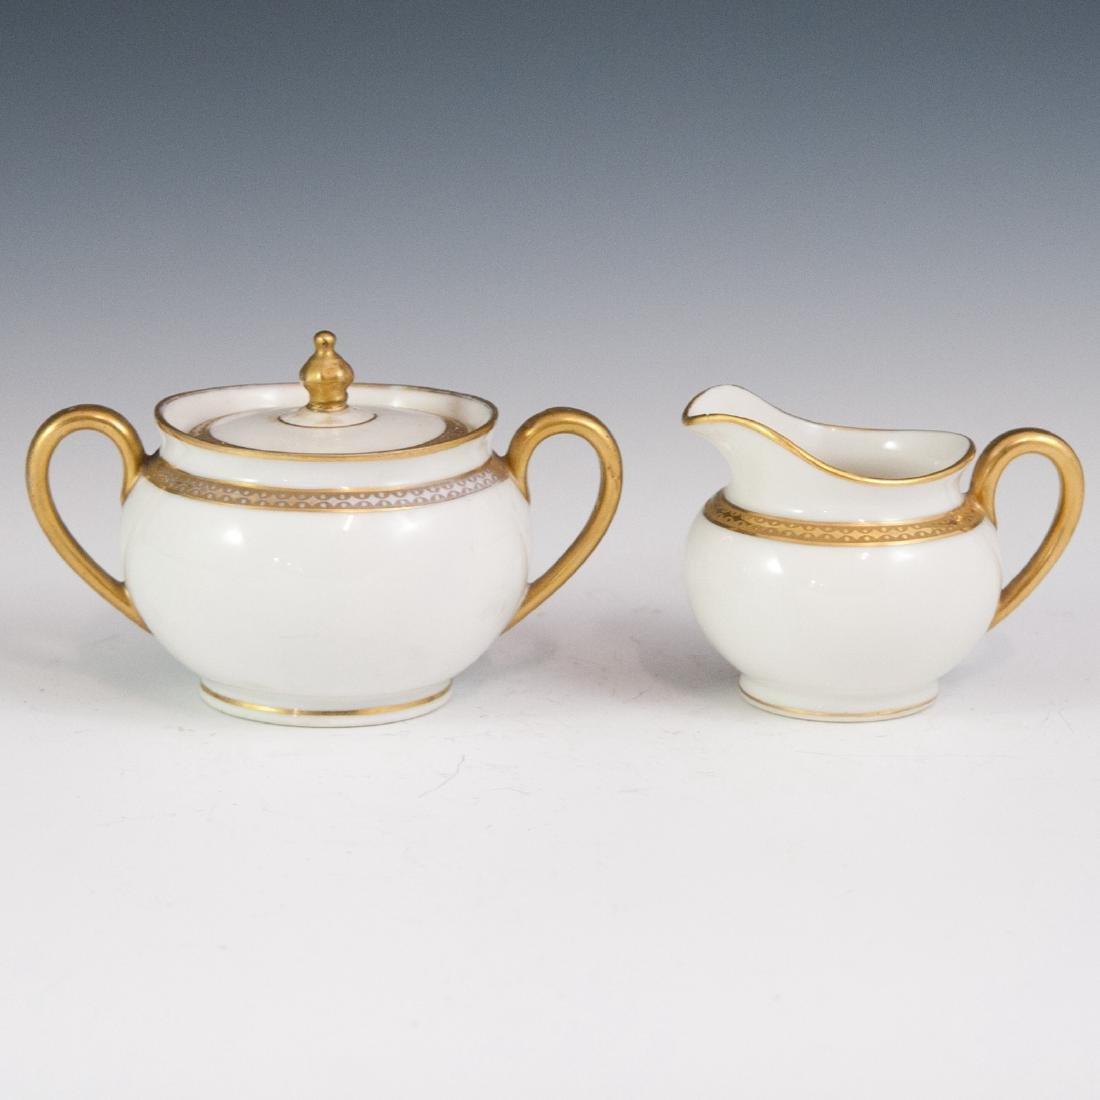 Theodore Haviland Limoges Porcelain Set